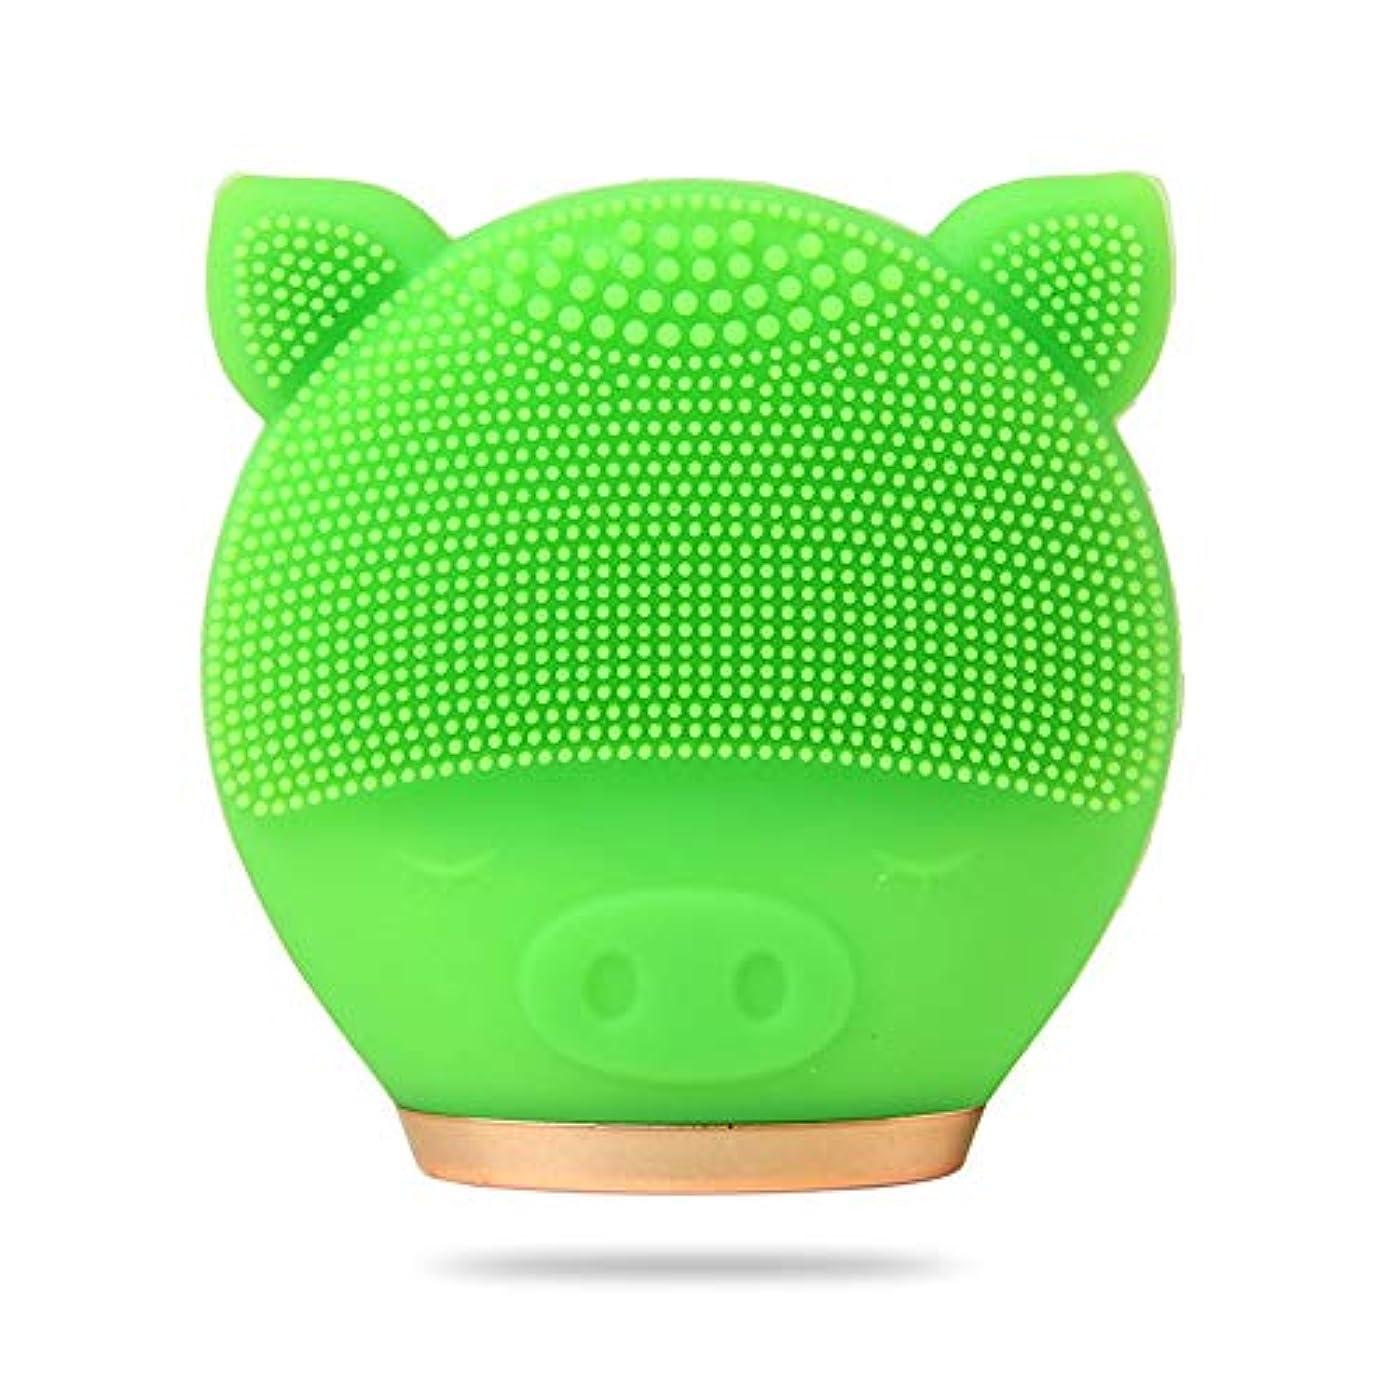 強調心理学継承ZXF 新しい豚モデル電気クレンジング楽器シリコーン超音波振動洗浄顔顔毛穴クリーナー美容器具 滑らかである (色 : Green)